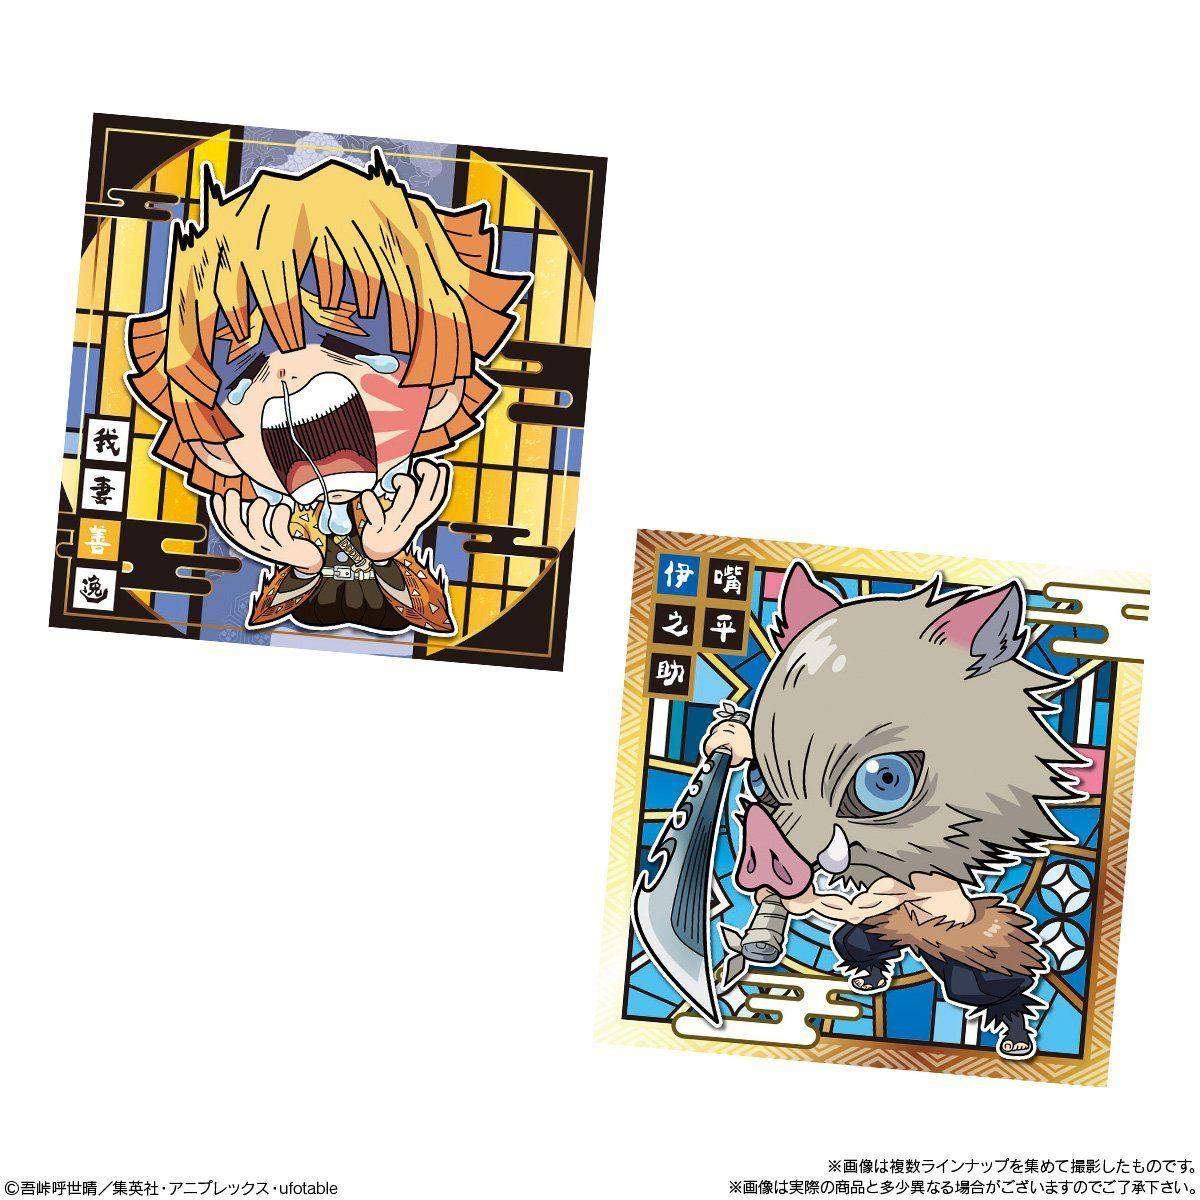 【食玩】鬼滅の刃『ディフォルメシールウエハース』20個入りBOX-004